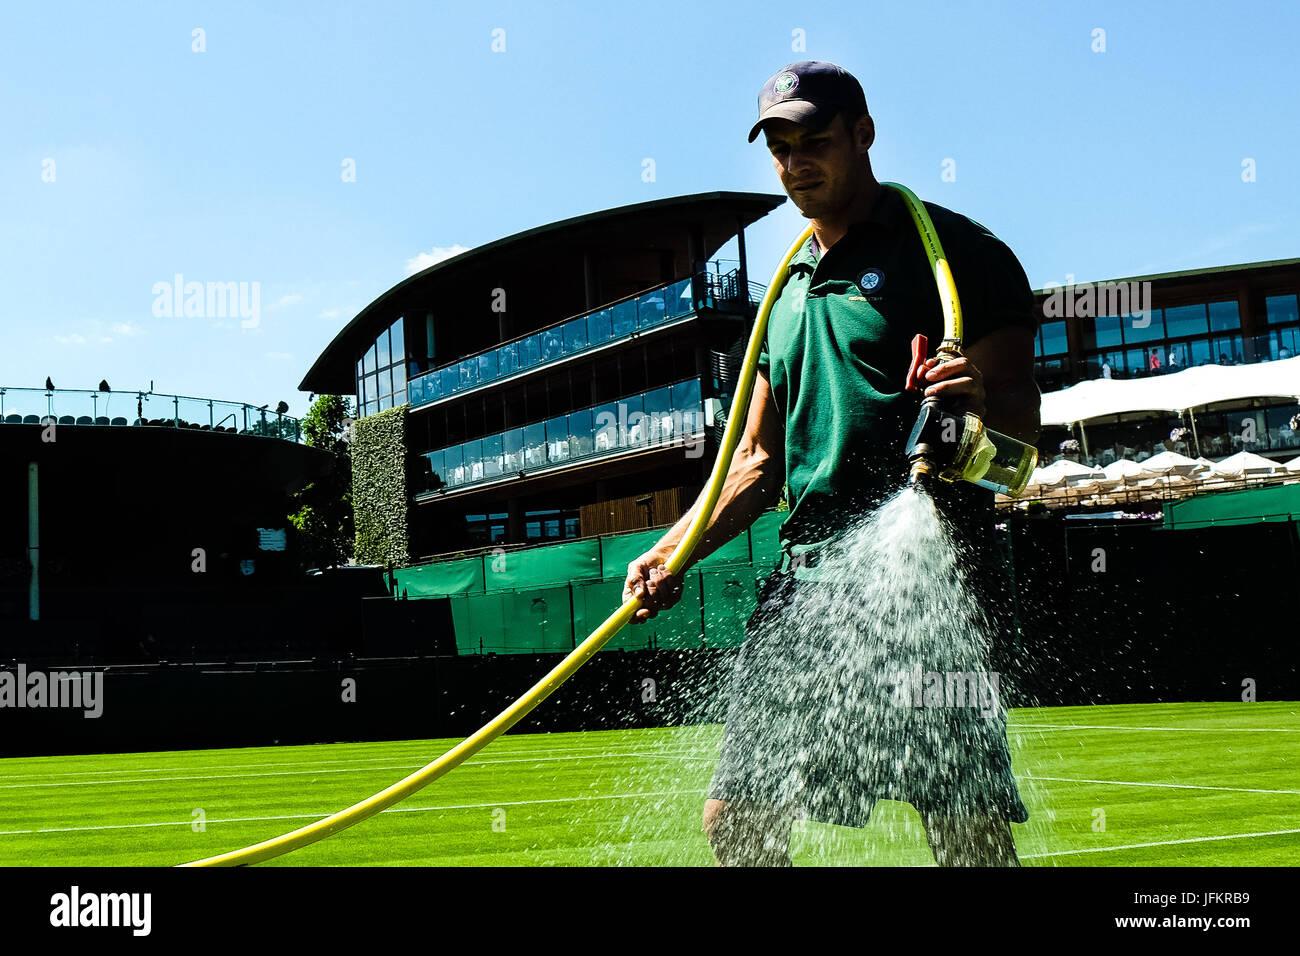 Londres, Gran Bretaña, 2ndJuly 2017:preparativos finales antes de los Campeonatos de Tenis de Wimbledon 2017 Imagen De Stock